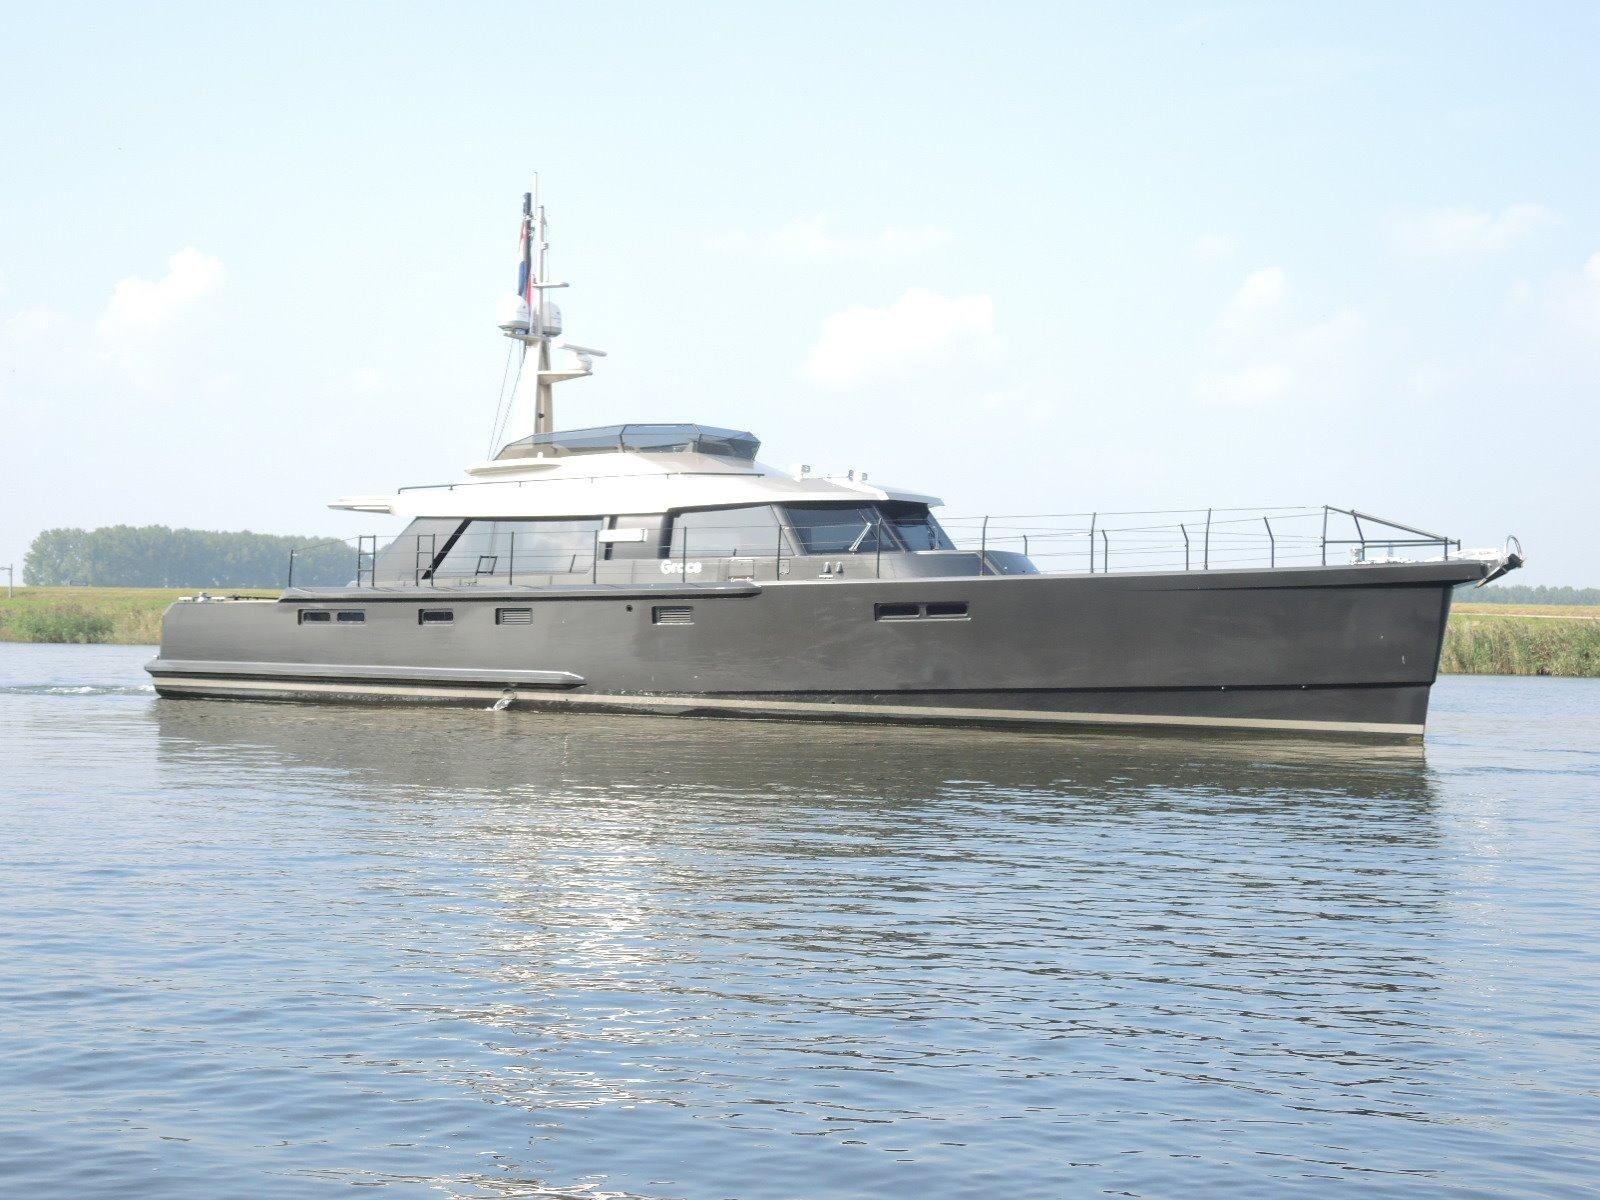 2012 Ned 70 Long Range Cruiser Power Boat For Sale Www